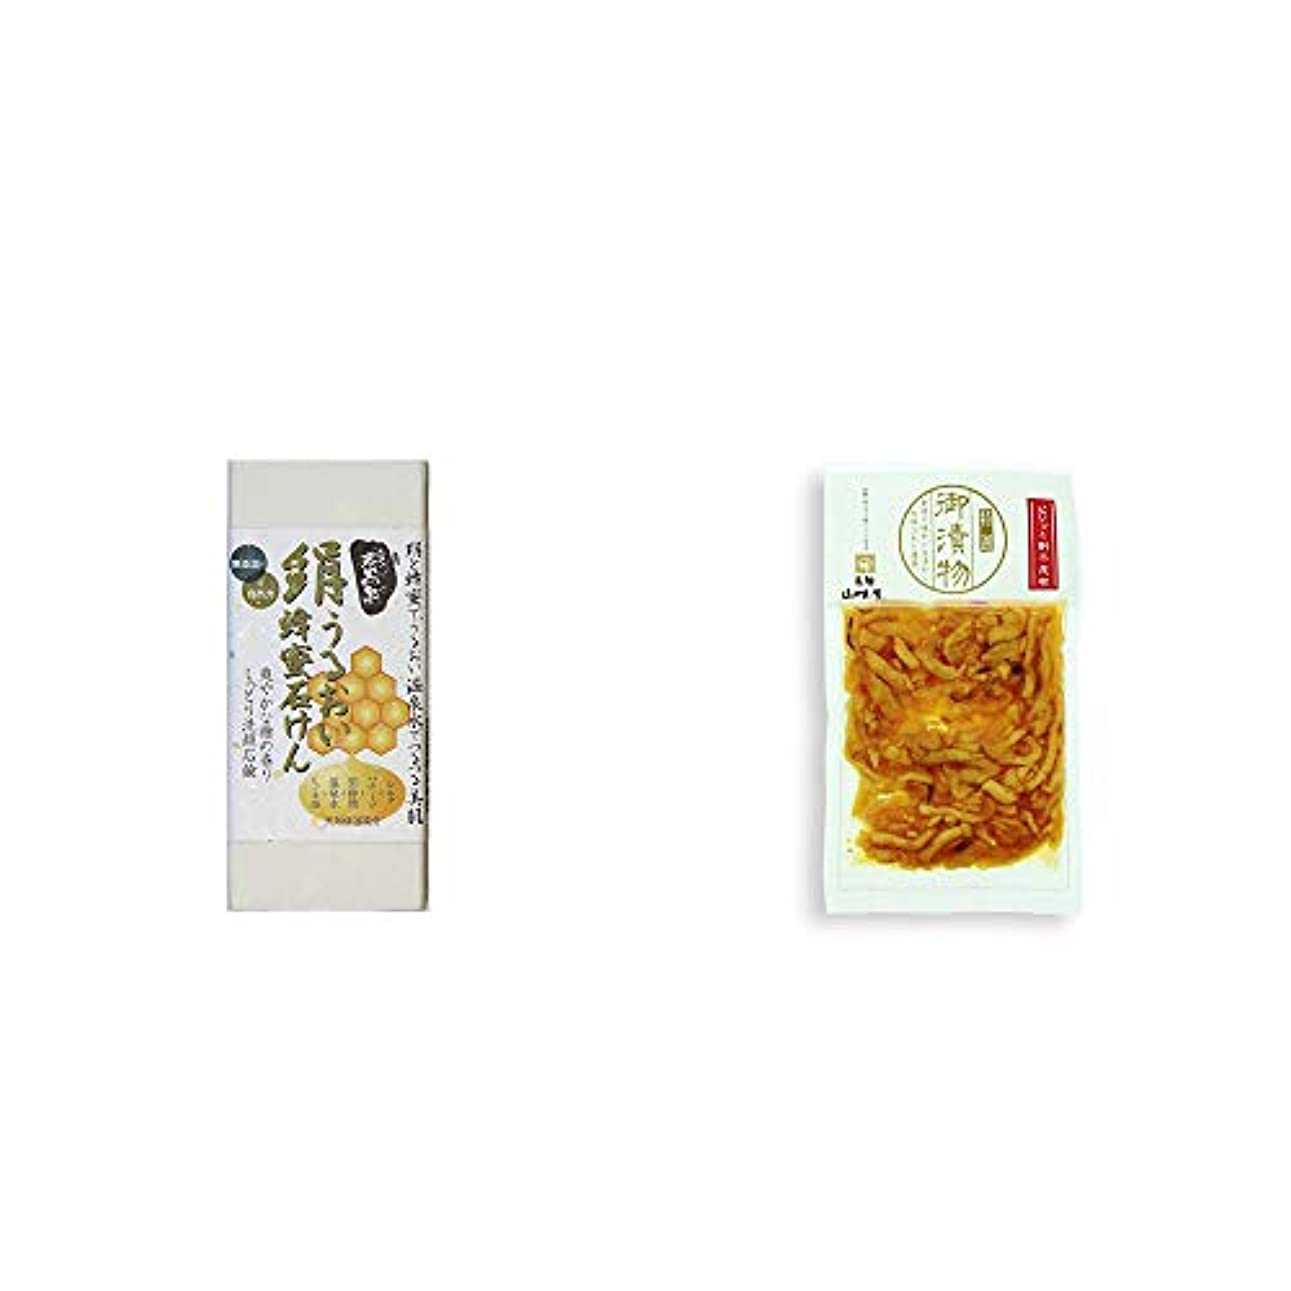 マーティフィールディング固執キウイ[2点セット] ひのき炭黒泉 絹うるおい蜂蜜石けん(75g×2)?飛騨山味屋 ピリッと割干し昆布(230g)